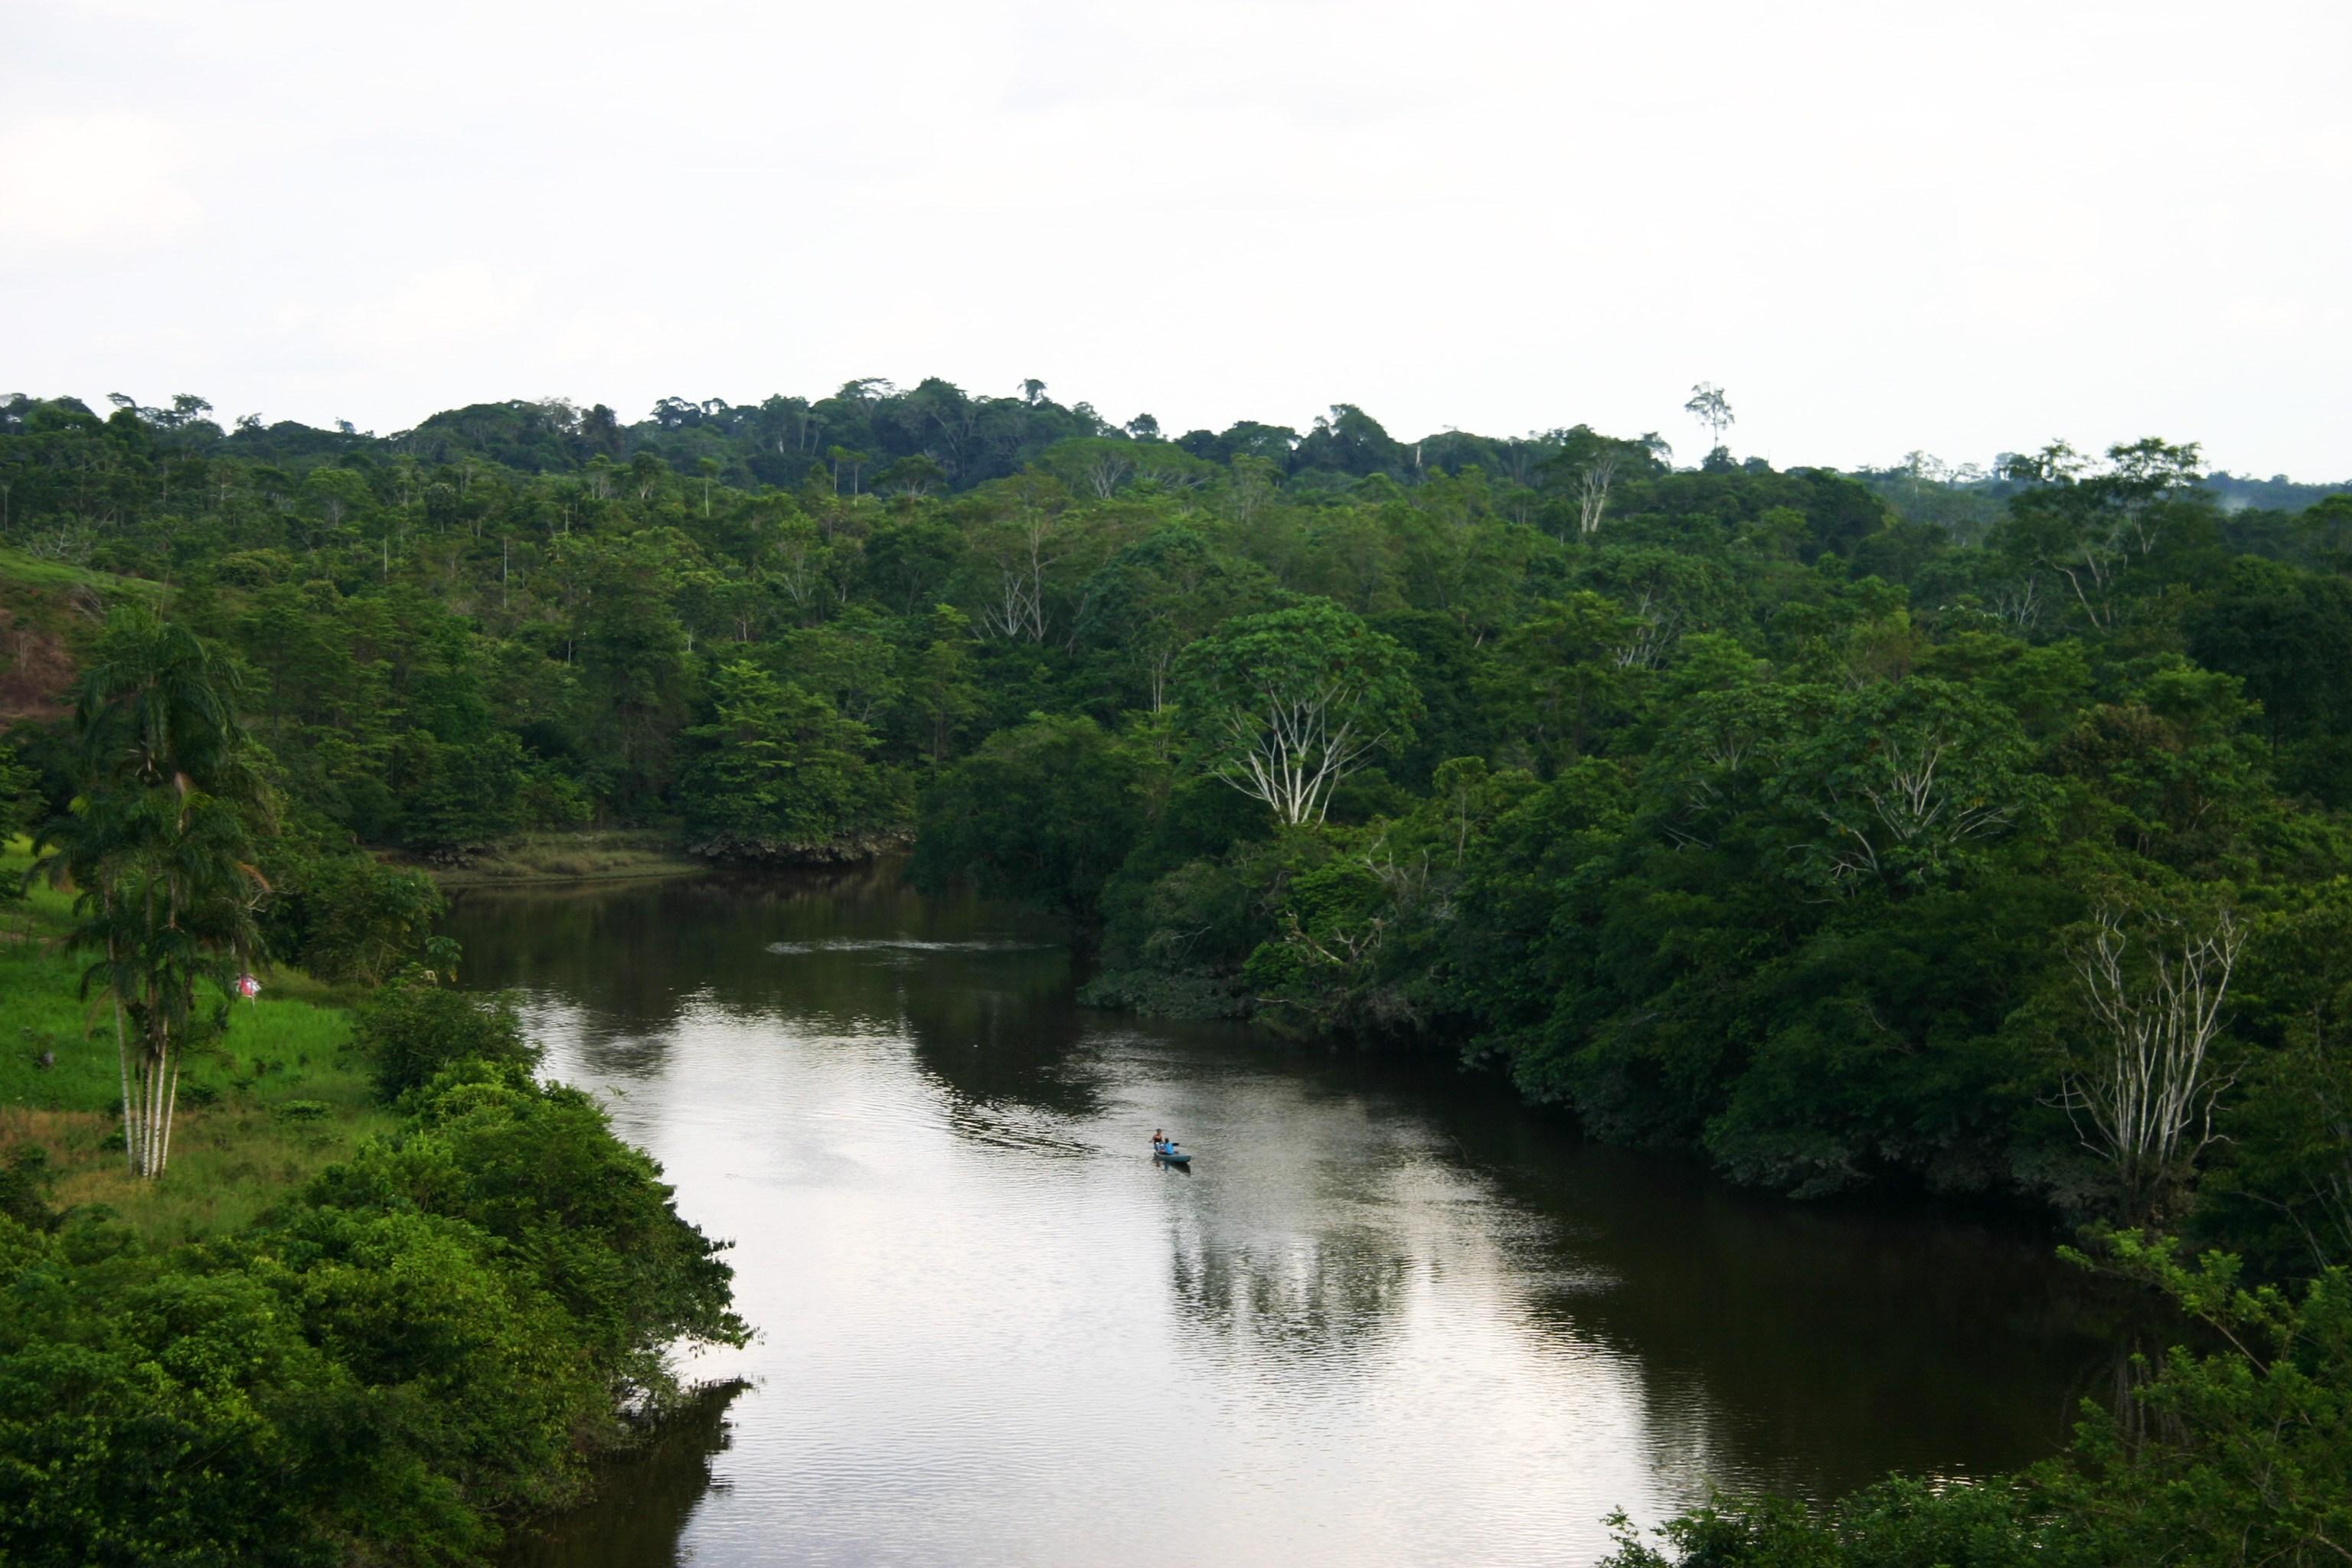 ZRCPA en movilización permanente ante incumplimiento de gobierno - Zona-de-Reserva-Campesina-Perla-Amazónica-ZRCPA